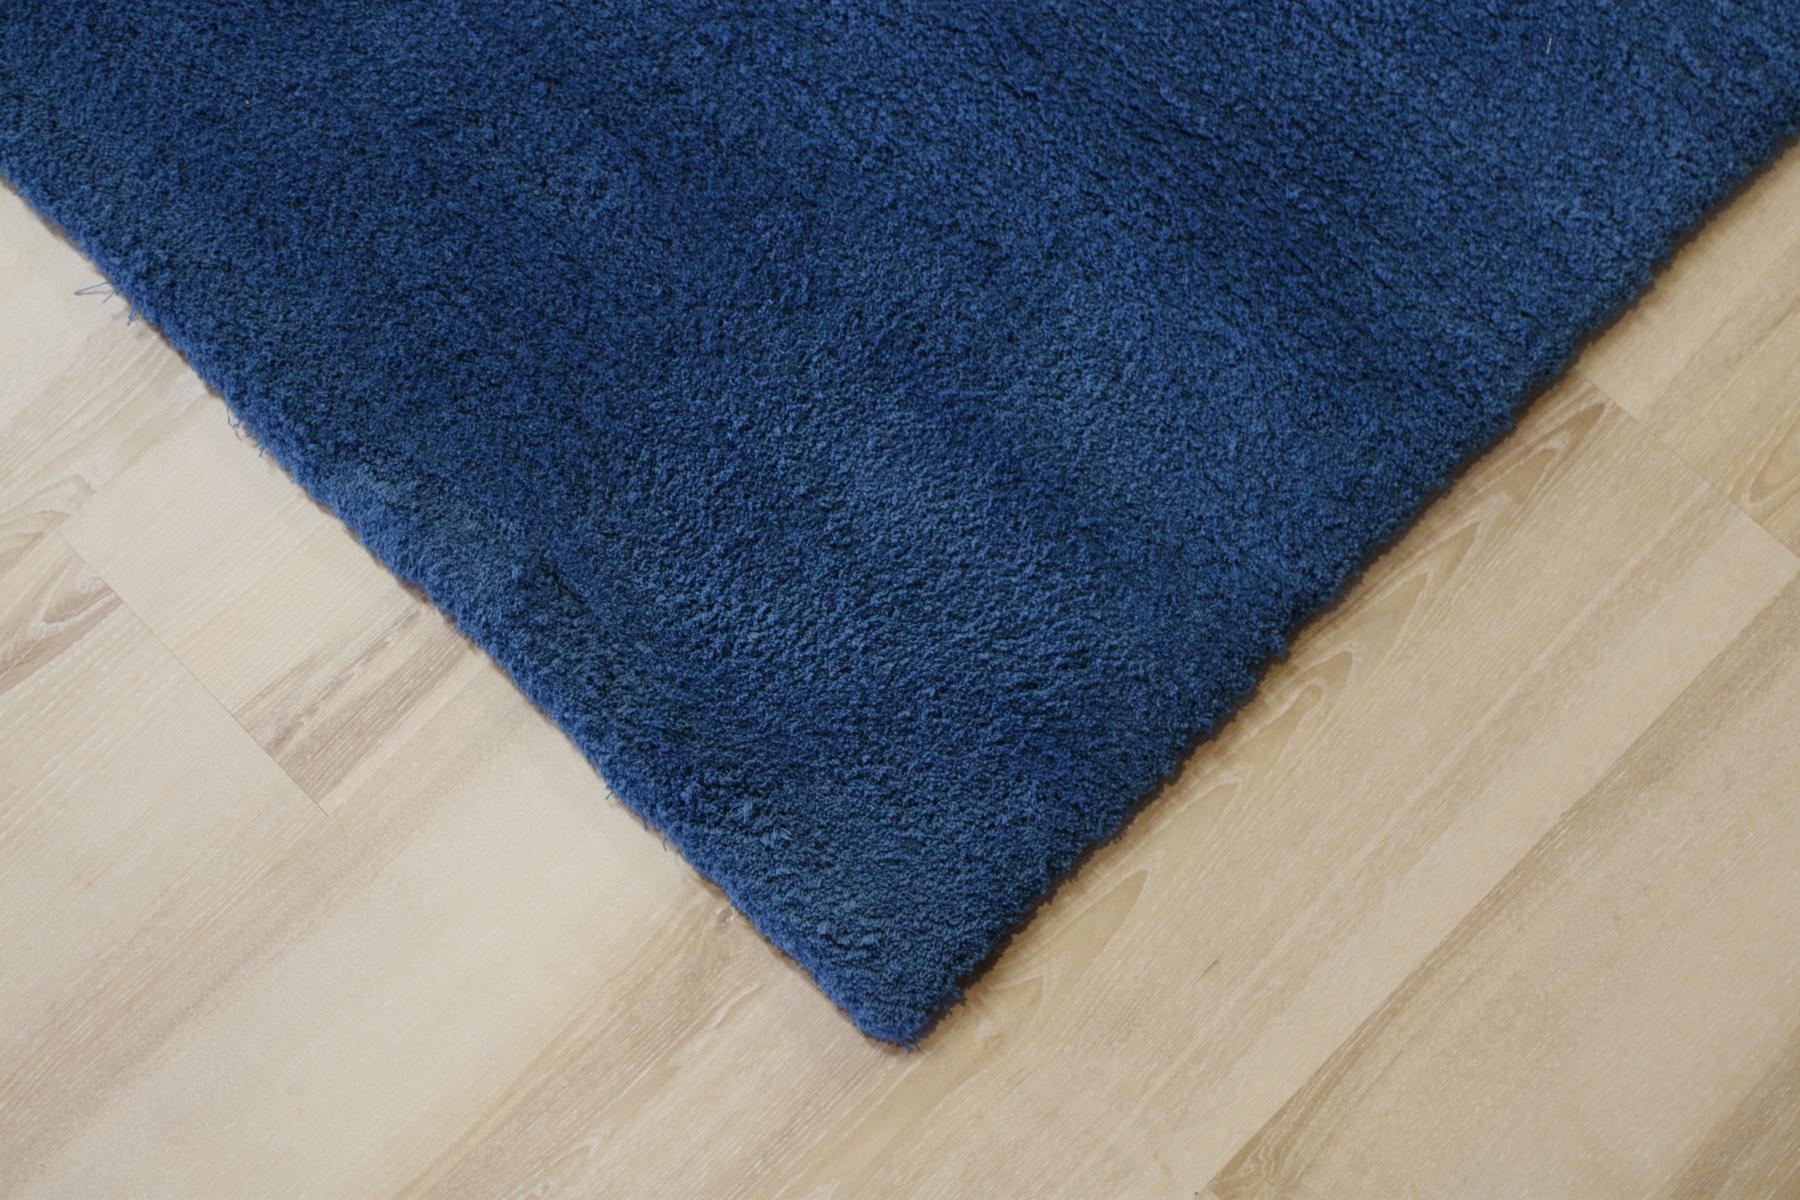 Teppich Langflor Astra Livorno 023 türkis 70×140 cm weich